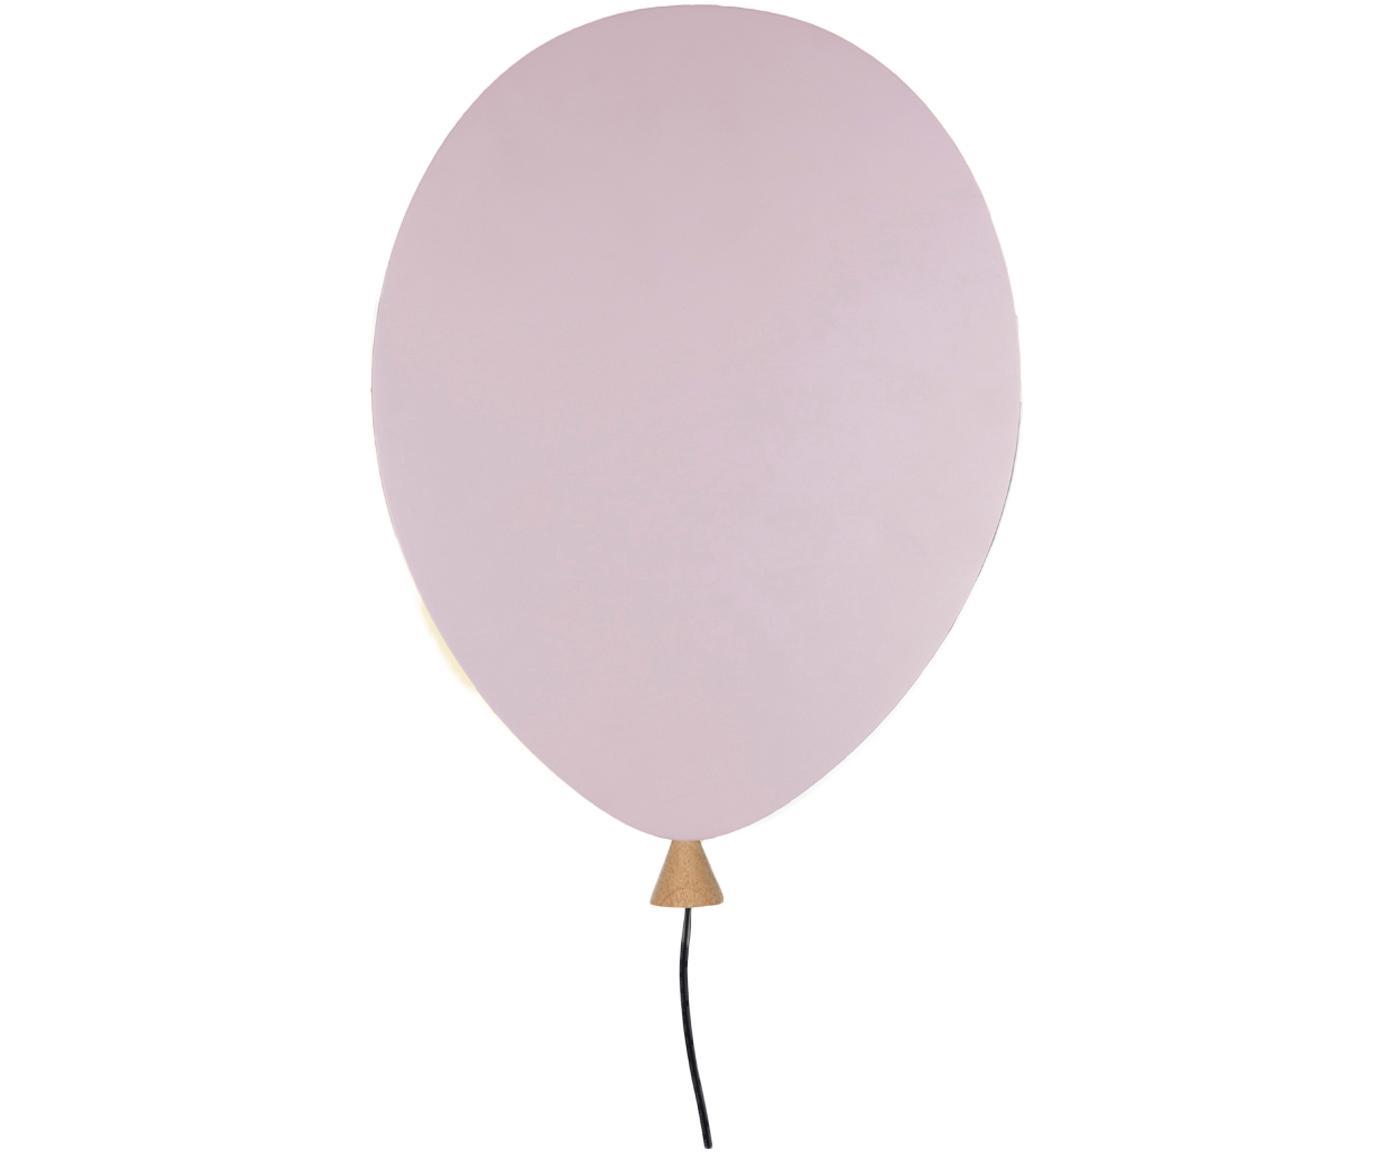 Aplique Balloon, con enchufe, Pantalla: madera recubierta, Cable: plástico, Rosa, An 25 x Al 35 cm